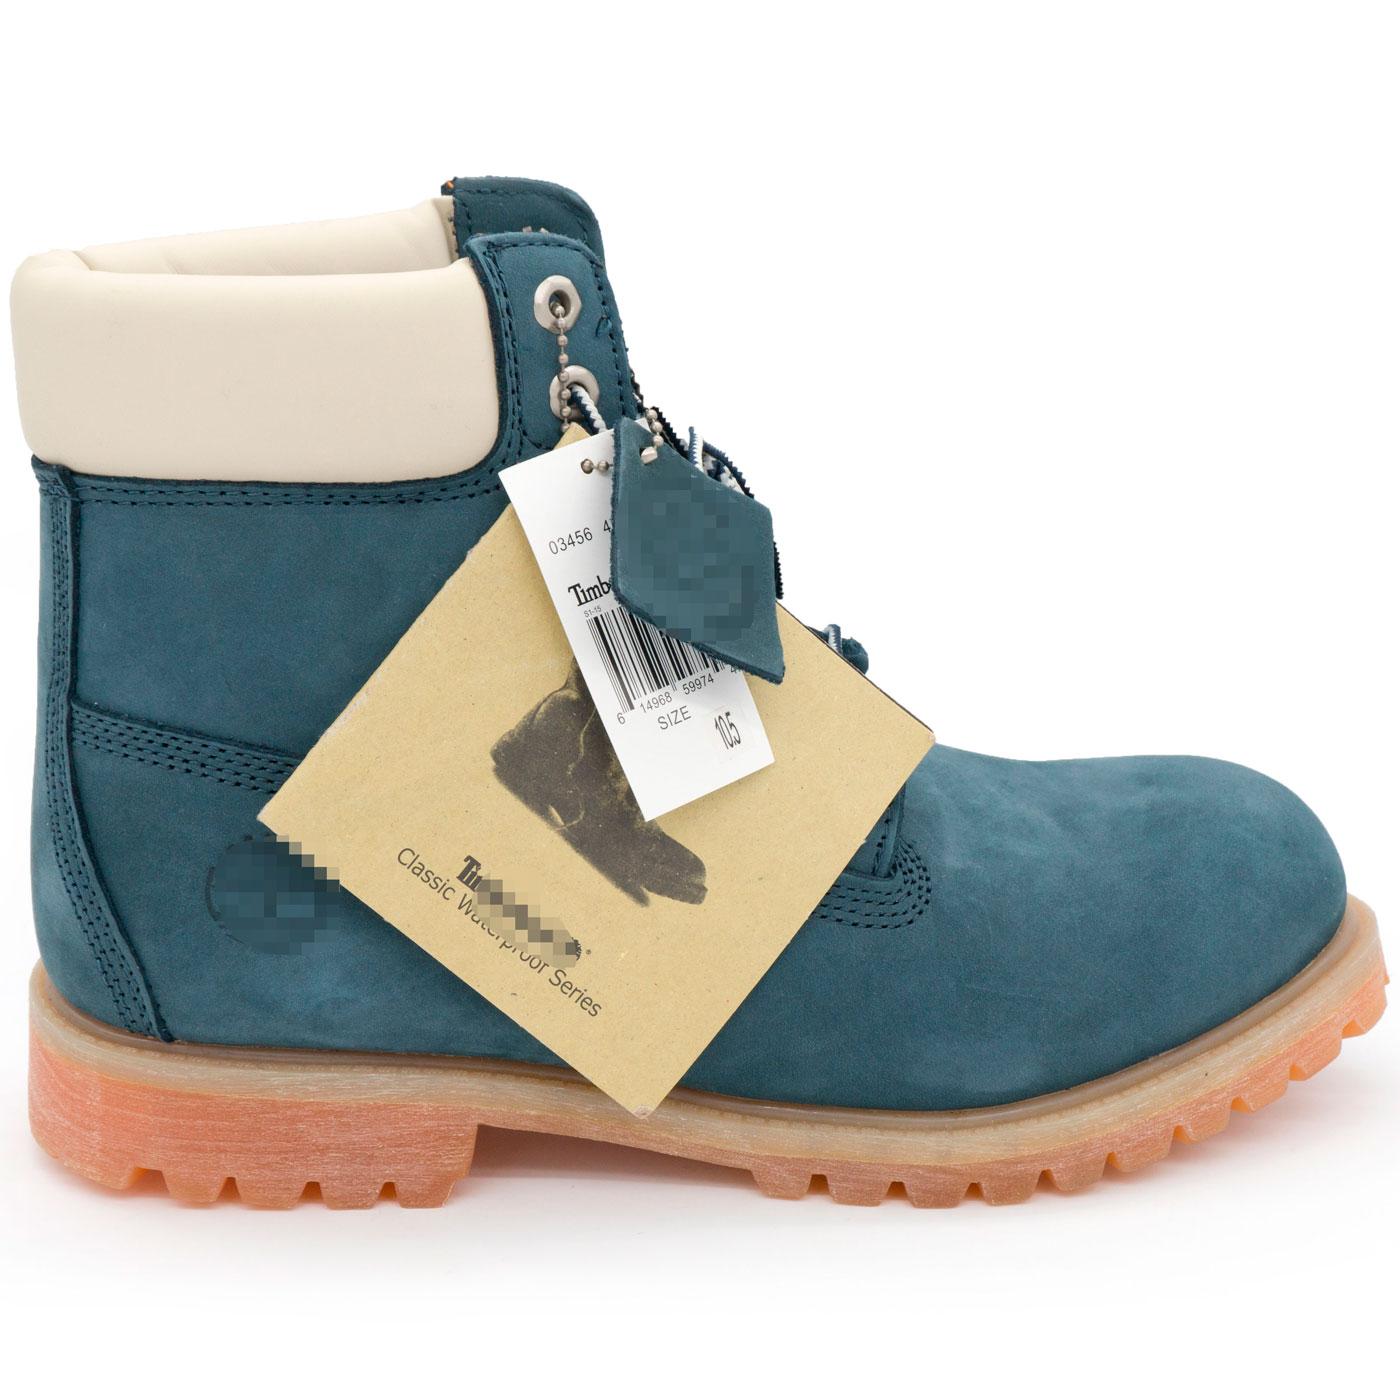 bac34a63 ... фото main Ботинки Тимберленд синие 26578 - Реплика Топ качества! main  ...